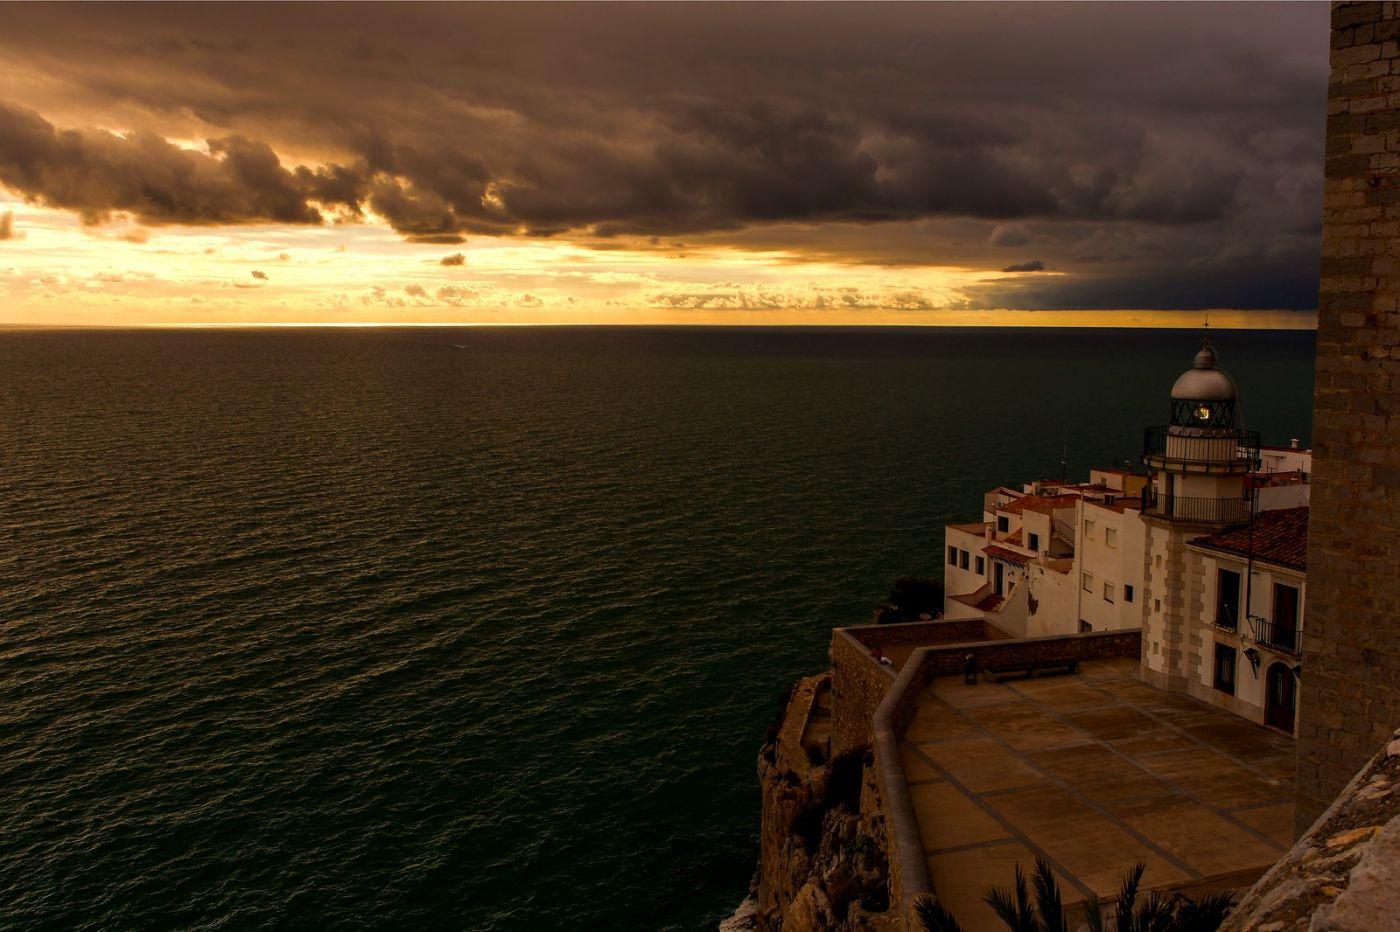 西班牙佩尼伊斯科拉(Peniscola),海边的景色令人神往_图1-11